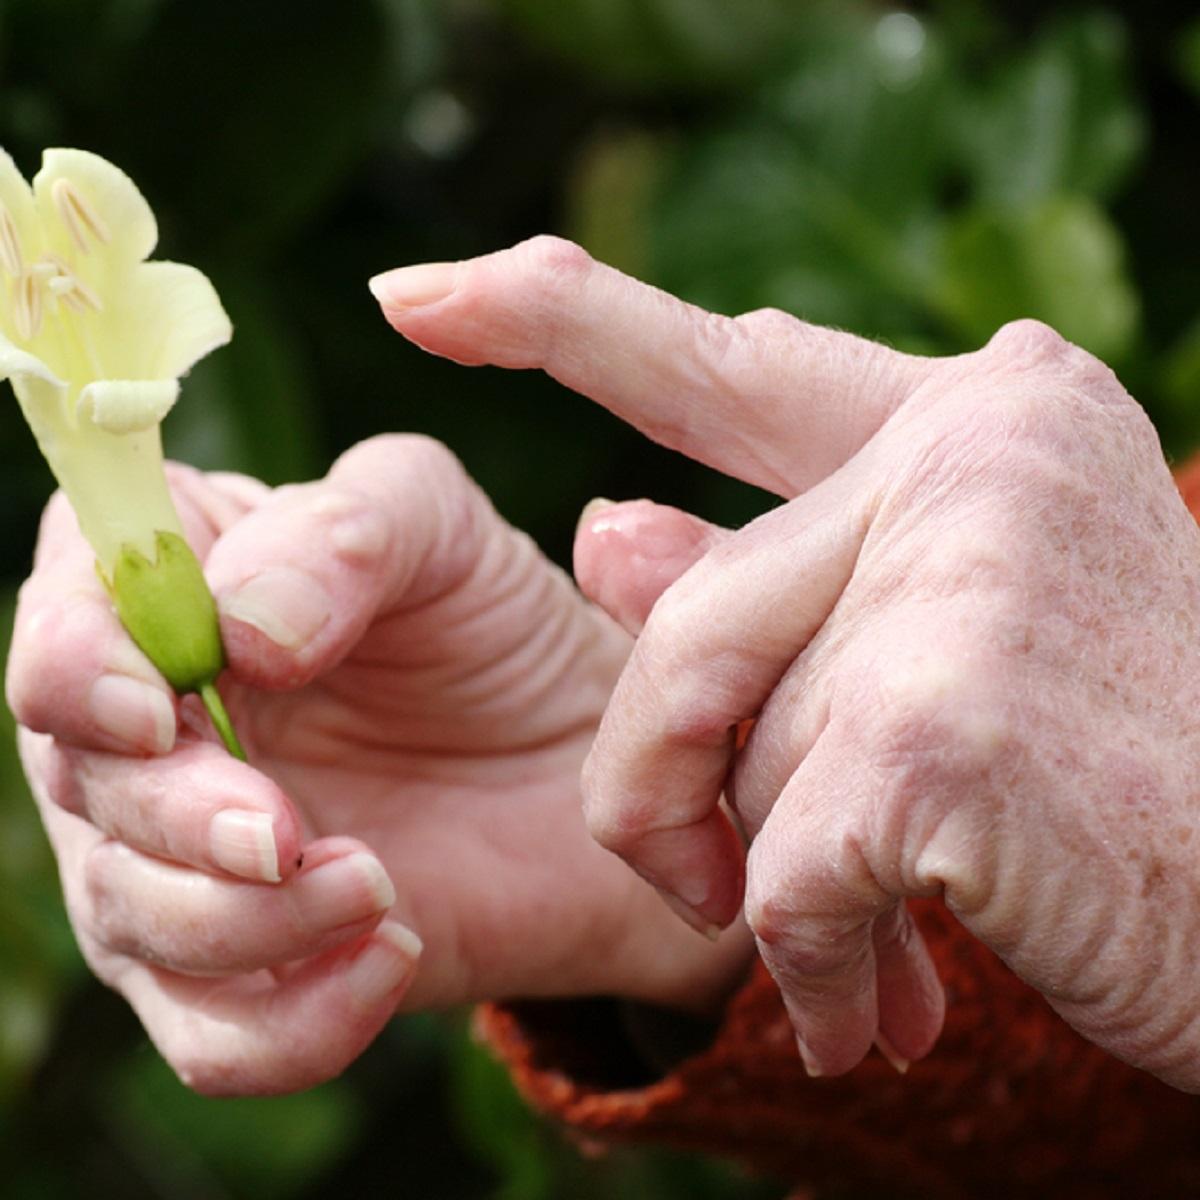 Olgade ja kuunarnuki valu Mida toodeldakse artroosiga Euroopas